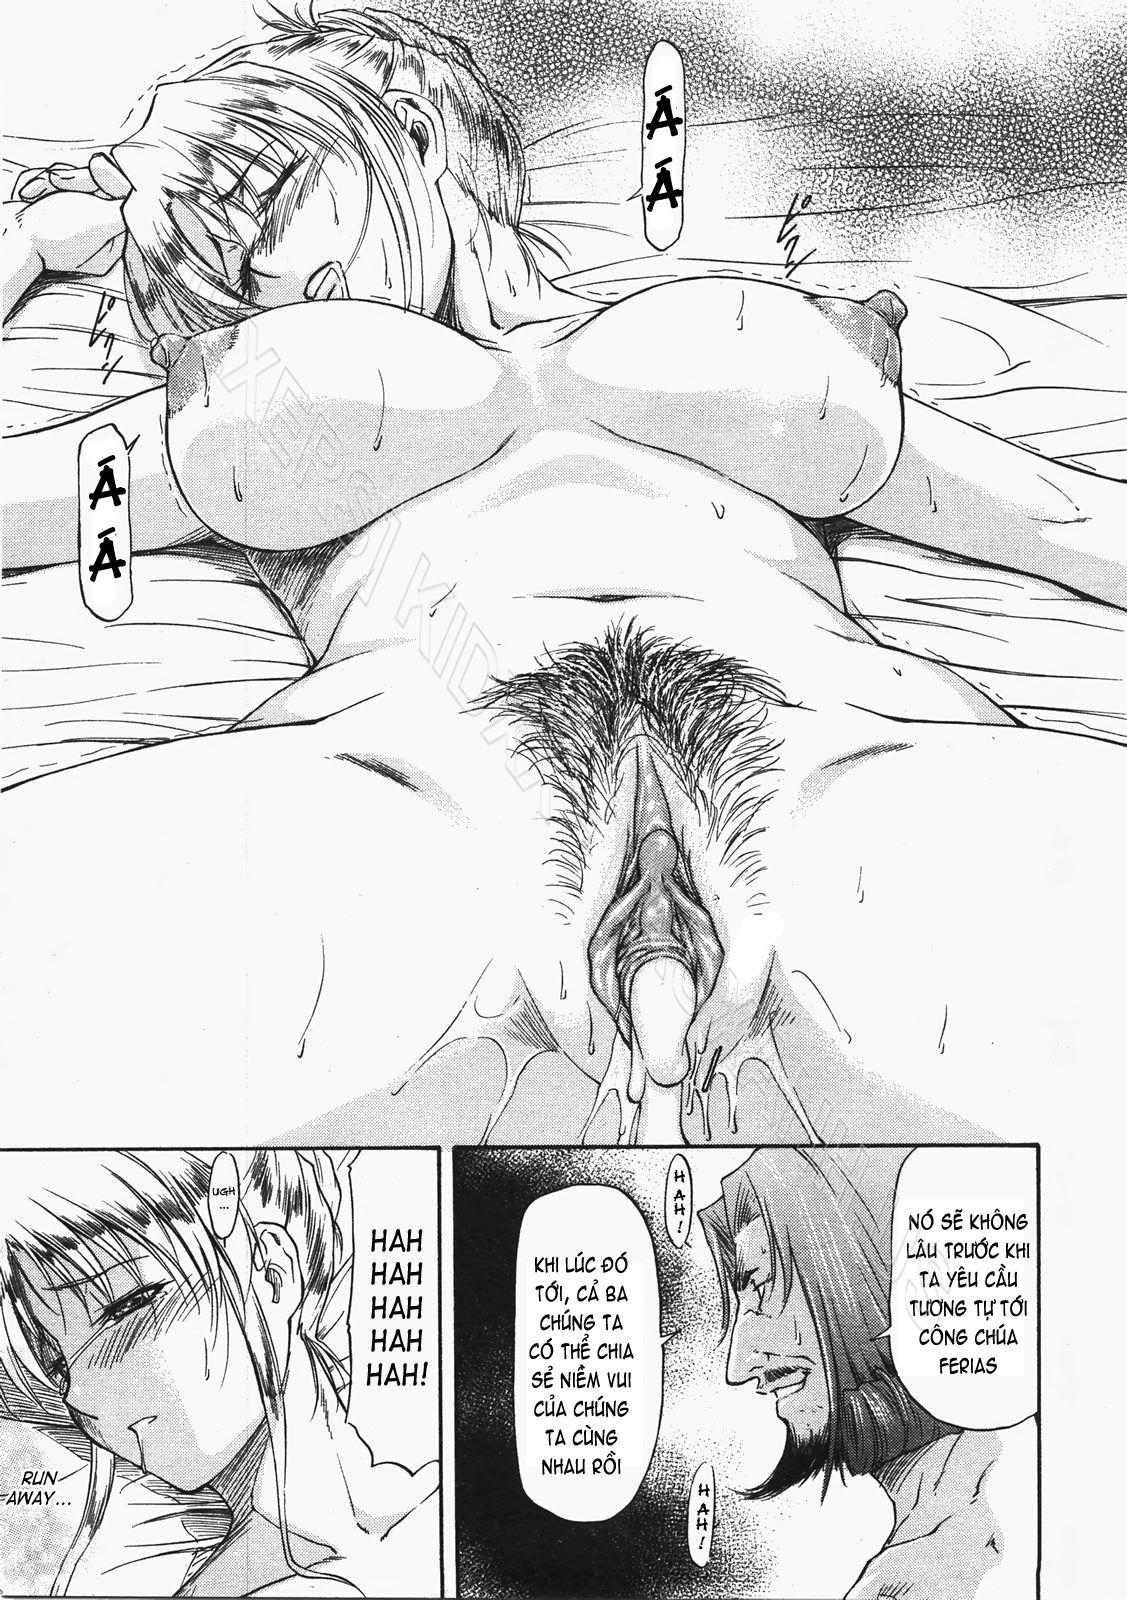 Hình ảnh Hinh_022 trong bài viết Truyện tranh hentai không che: Parabellum